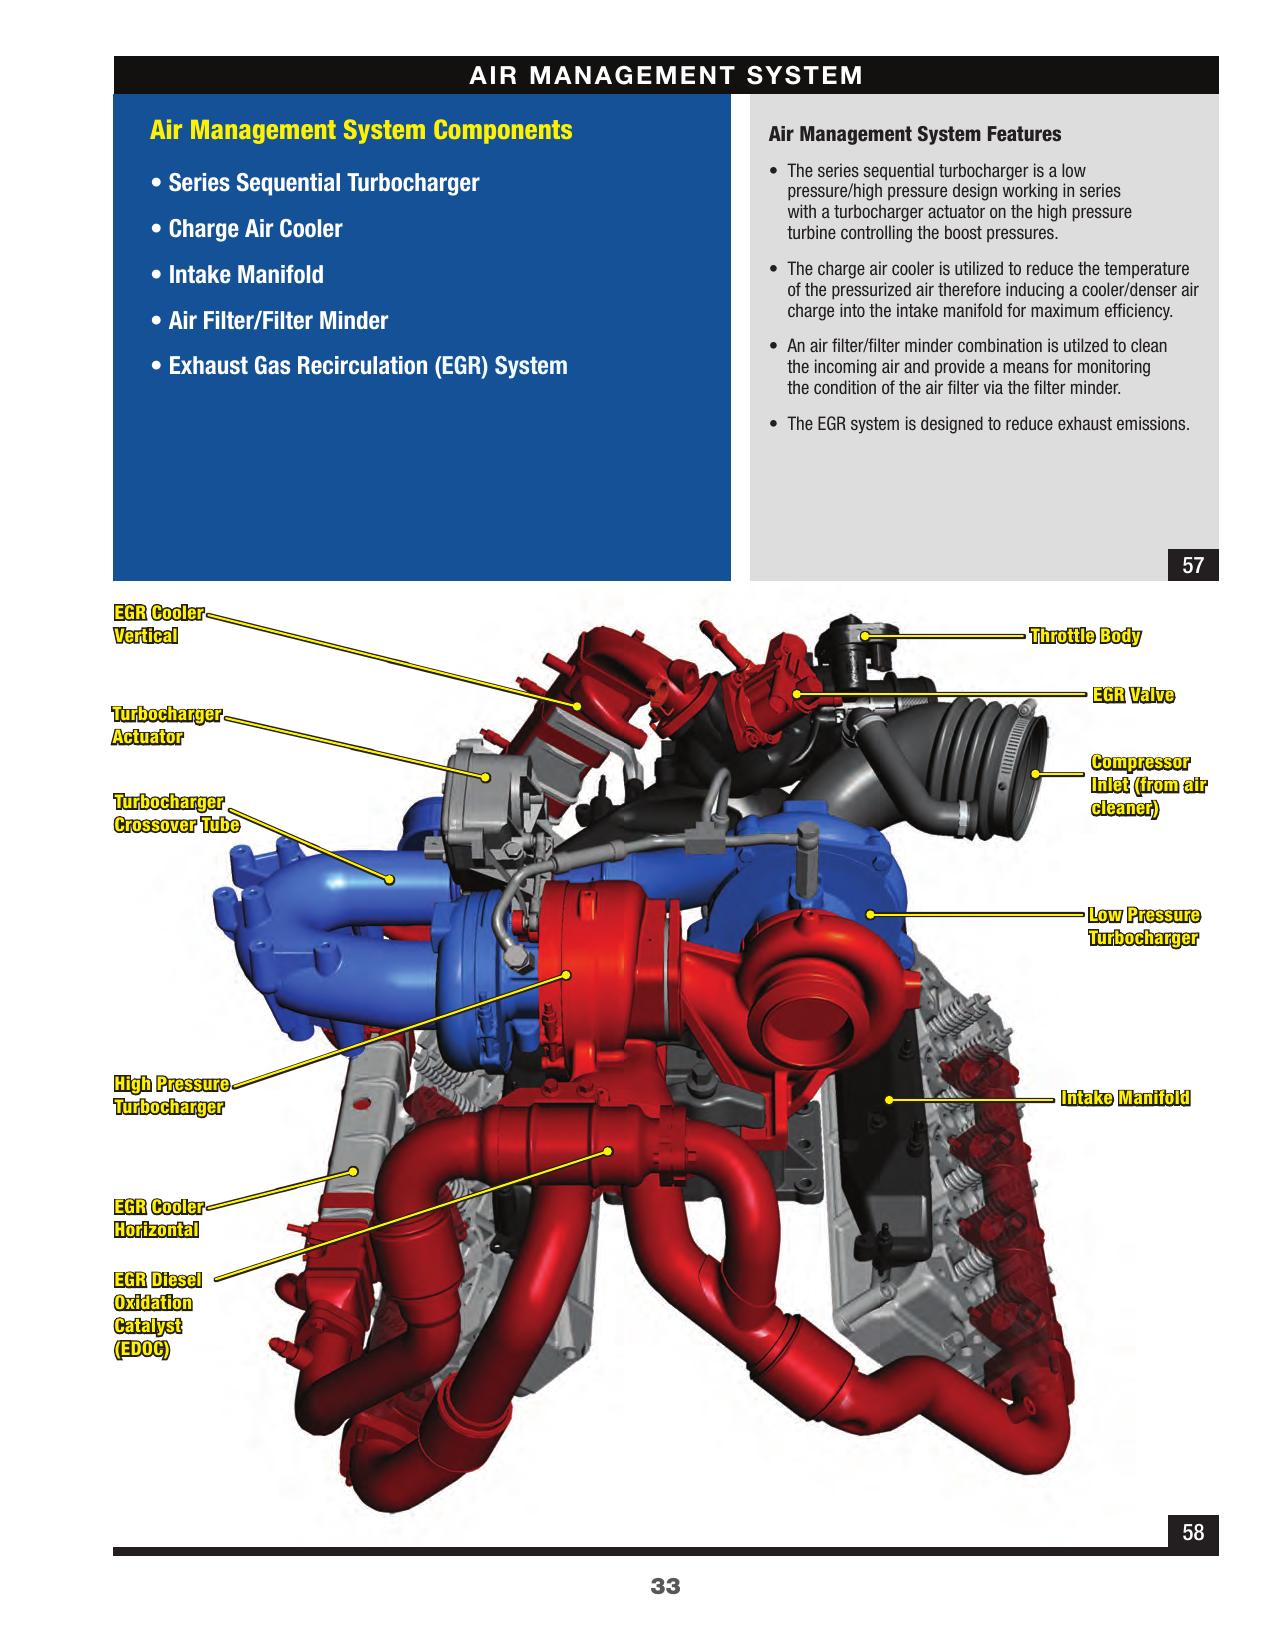 2008 6.4 L - Alliant Power | Manualzz